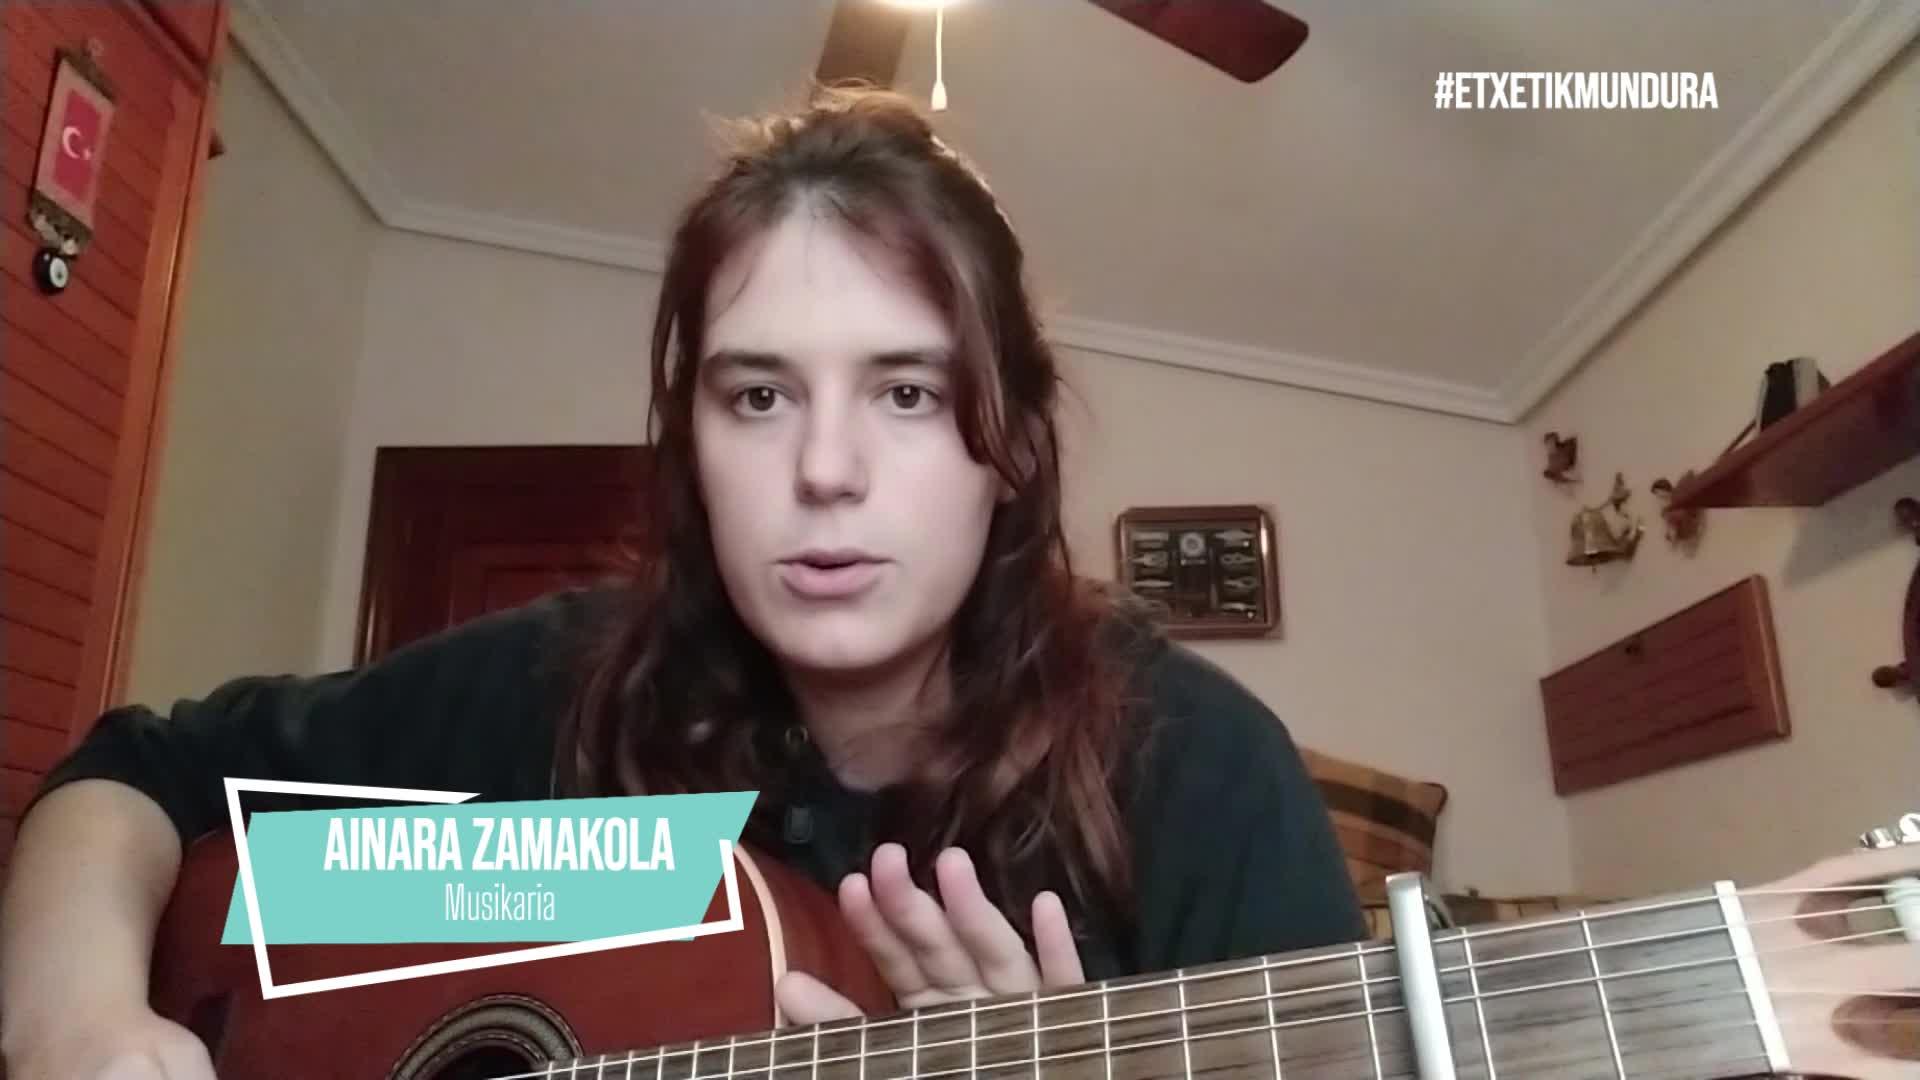 Ainara Zamakolaren musika, etxetik mundura